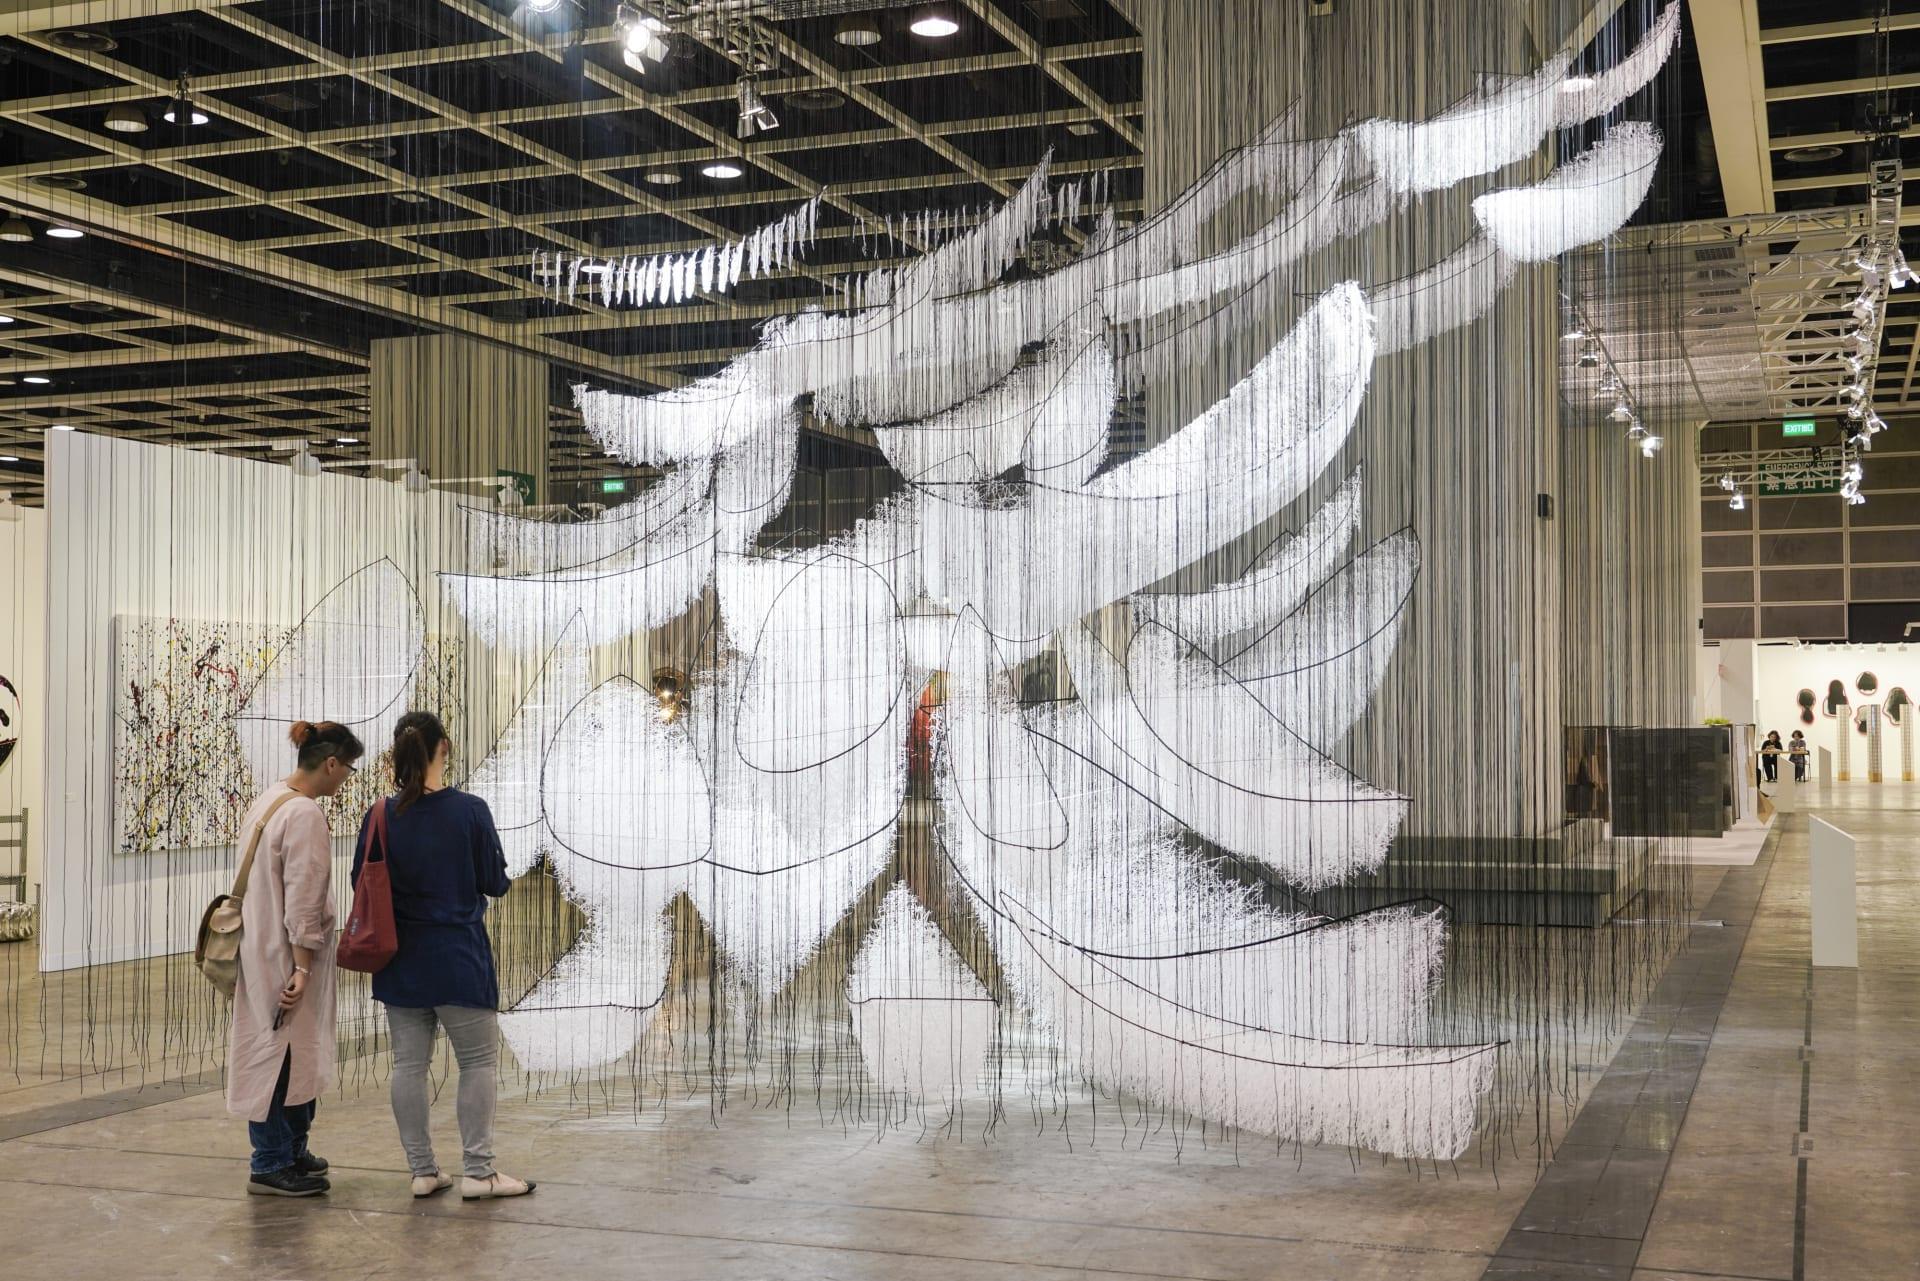 وسط مخاوف فيروس كورونا.. أكبر معرض فني بآسيا عرضة للإلغاء